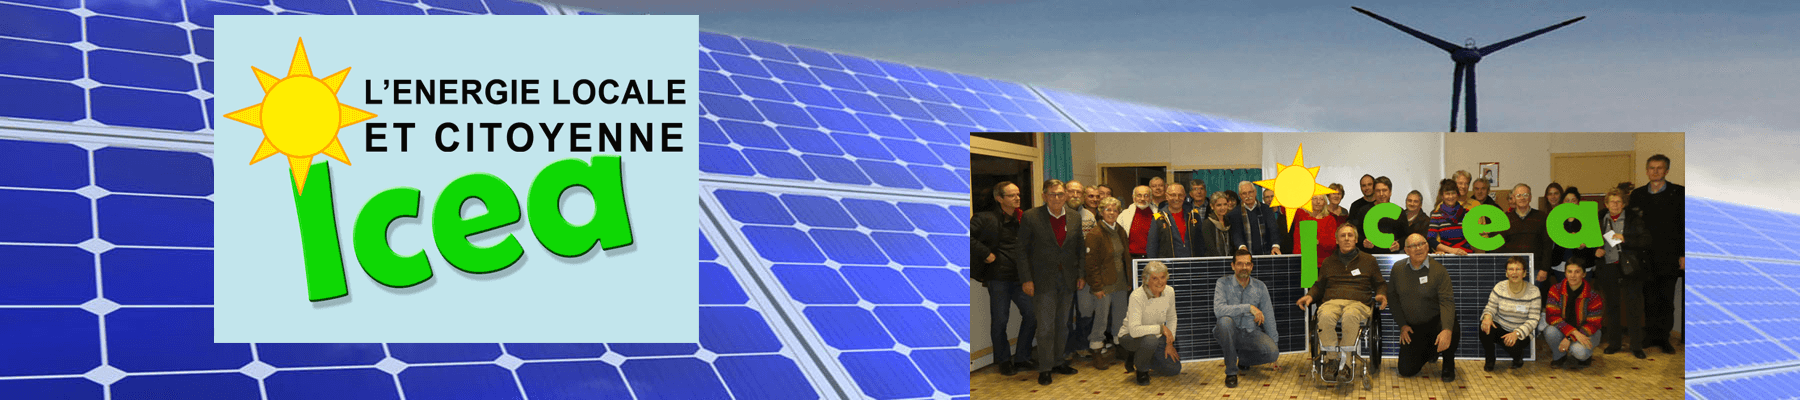 Initiative citoyenne pour une énergie alternative